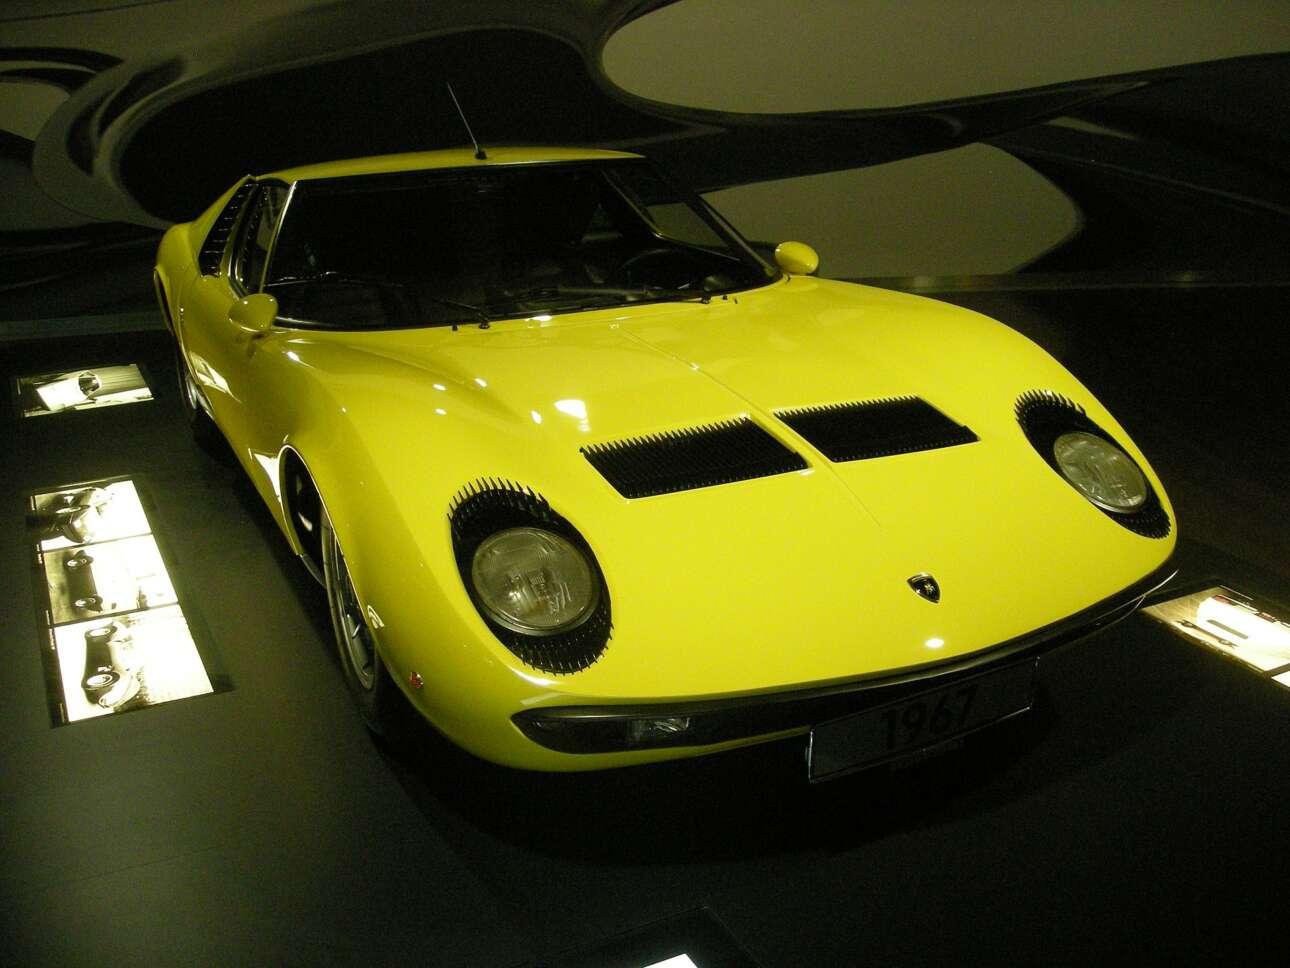 Lamborghini Miura (1967) Για πολλούς ιστορικούς της αυτοκίνησης η Miura αντιπροσωπεύει το αρχετυπικό ιταλικό υπεραυτοκίνητο. Φαρδύ, κεντρομήχανο, αισθησιακό. Ουσιαστικά, γεννήθηκε μετά από κόντρα του Φερούτσιο Λαμποργκίνι (που έως τότε ήταν κατασκευαστής τρακτέρ) με τον Ένζο Φεράρι, όταν ο τελευταίος τον πρόσβαλλε λέγοντάς του «τι ξέρεις εσύ από αυτοκίνητα; Ασχολήσου με τα τρακτέρ σου». Και ο Λαμποργκίνι, προς εκδίκηση, δημιούργησε τη Miura. Μετά την πετρελαϊκή κρίση του '70 και τις μεγάλες απεργιακές ακινητοποιήσεις που γονάτισαν το βιομηχανικό νότο, το αγροτόπαιδο που έγινε πρίγκιπας τα πούλησε όλα. Τις Lamborghini, τα τρακτέρ, τα συστήματα θέρμανσης, τα πάντα. Ο γιος του, Toνίνιο, δεν ασχολήθηκε ποτέ. Αγόρασε, λοιπόν, μια έκταση, έλυσε τη γραβάτα, έβαλε τις γαλότσες και άρχισε να βγάζει το δικό του κρασί. Το ονόμασε «Sangue di Miura», δηλαδή «το αίμα της Miura». Μια υπενθύμιση μιας άλλης εποχής της Lambo.